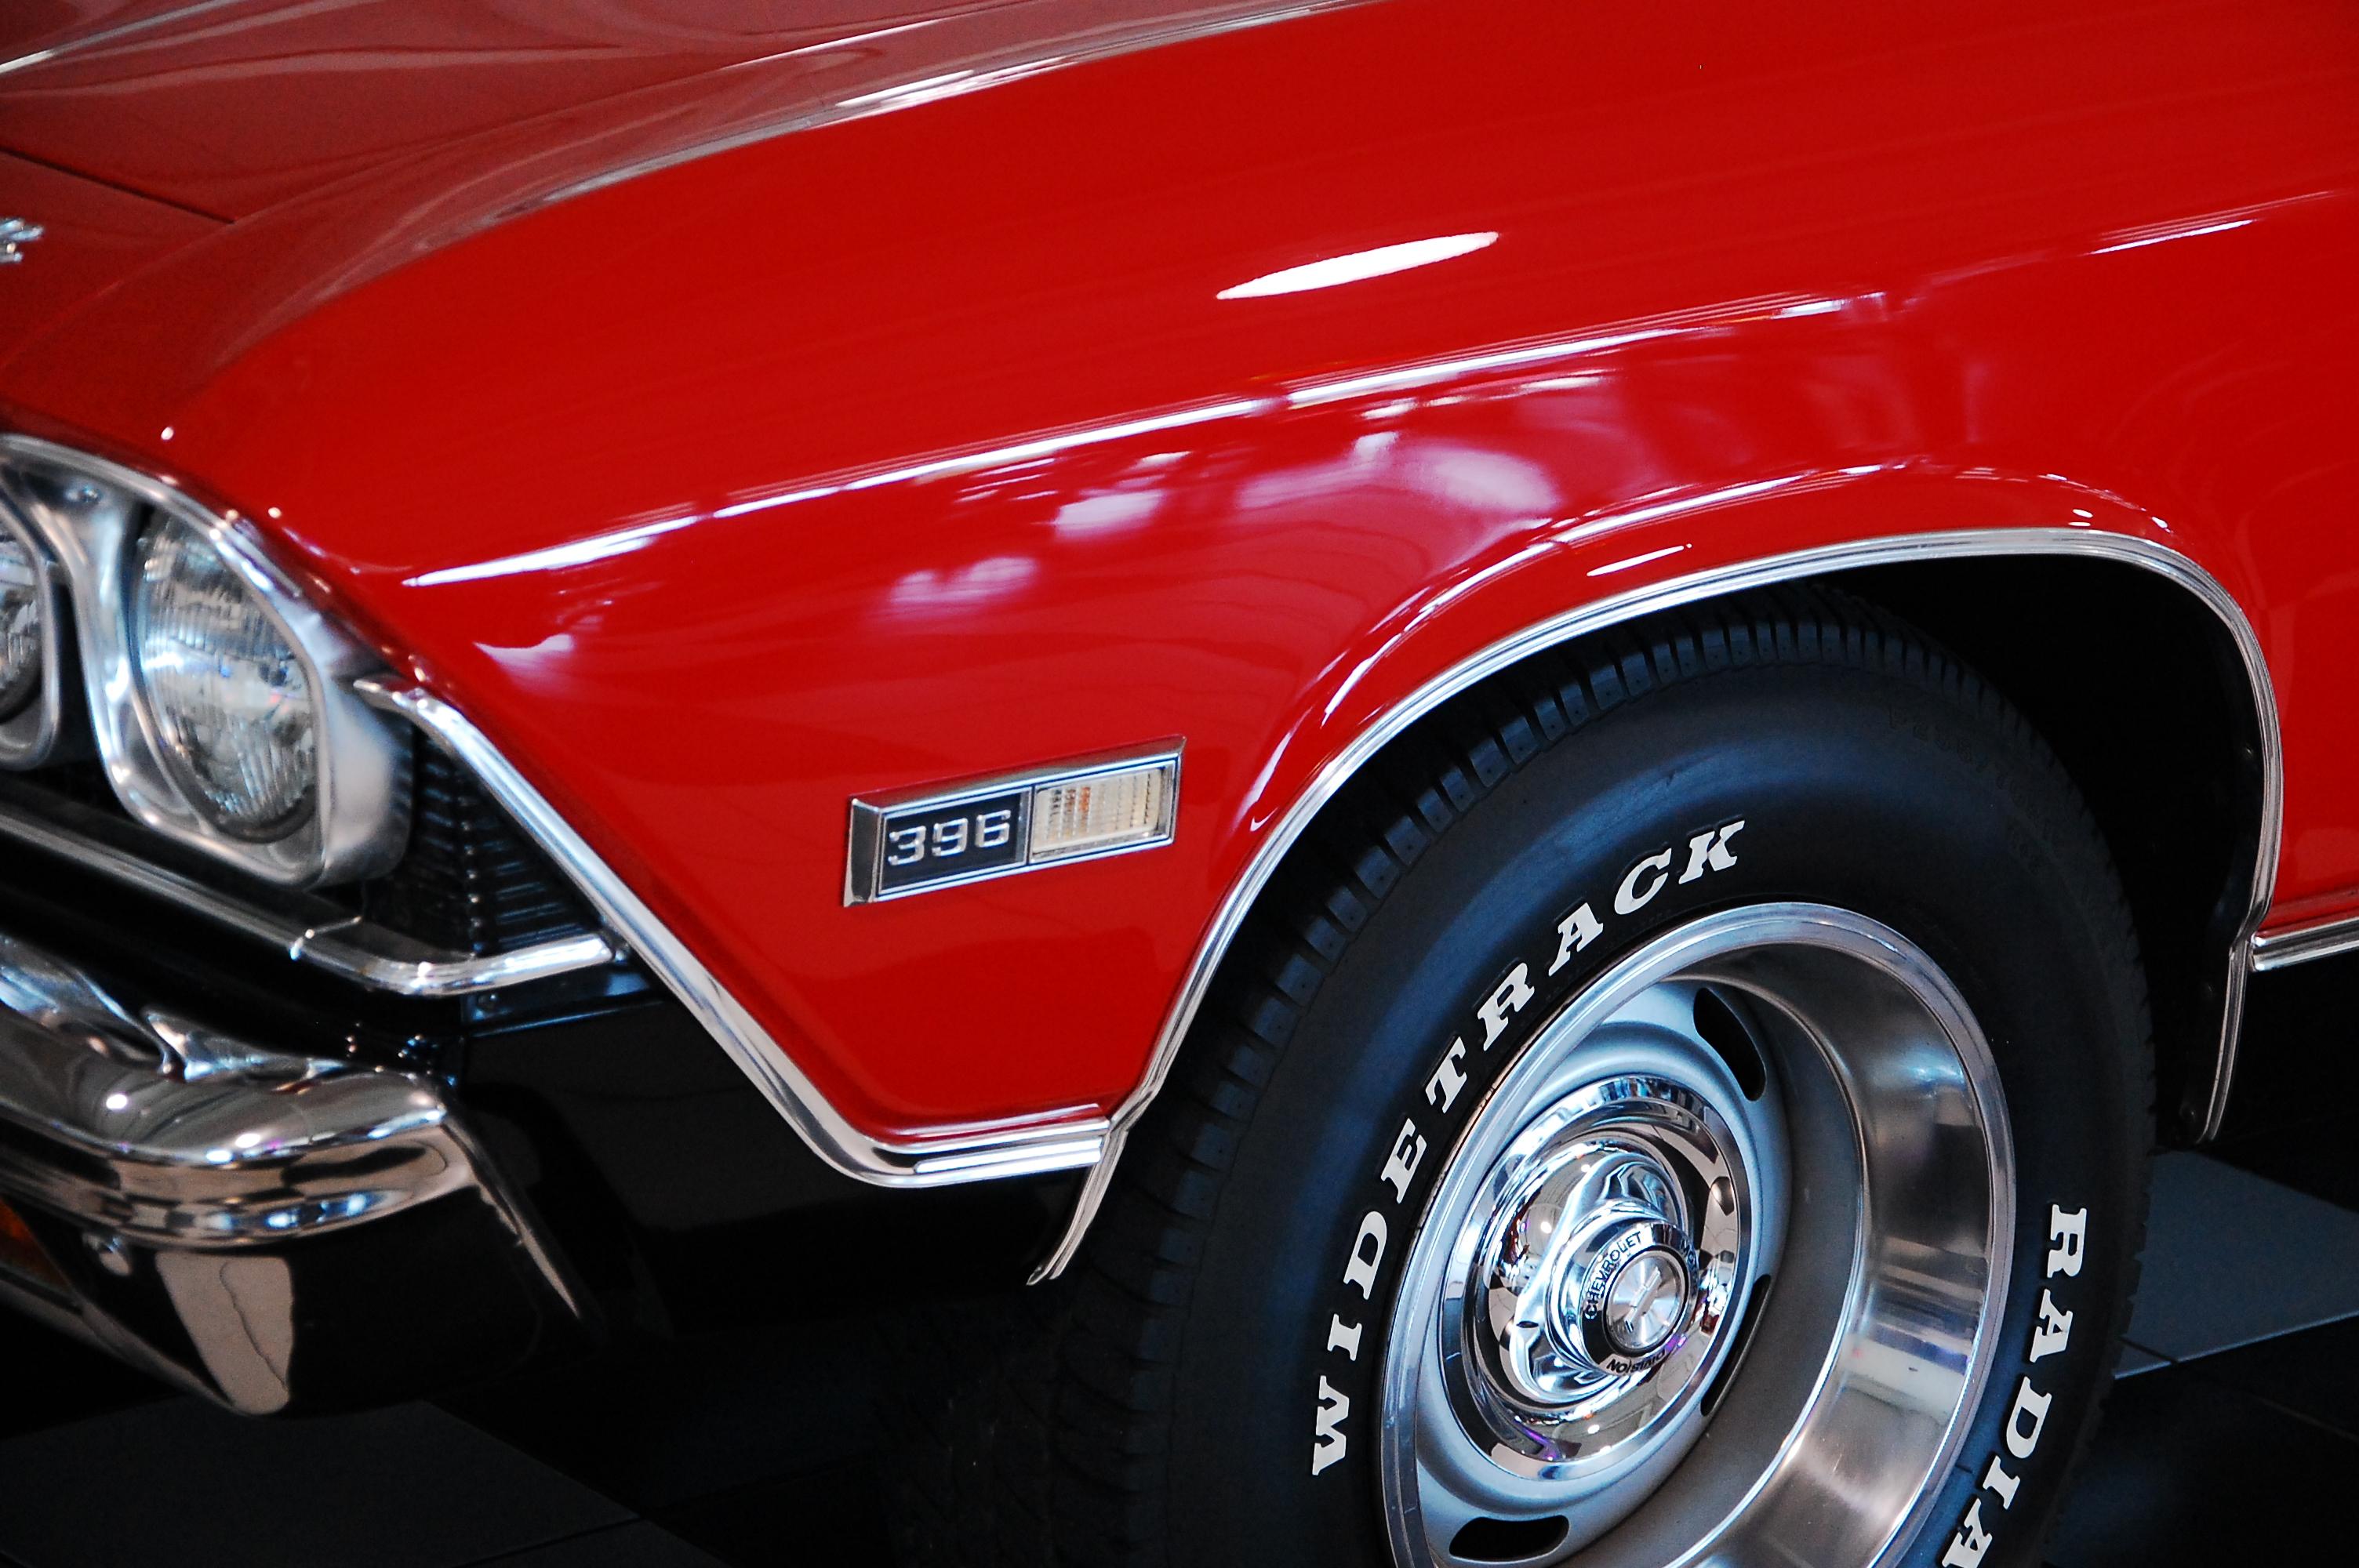 File:Chevelle 396.jpg